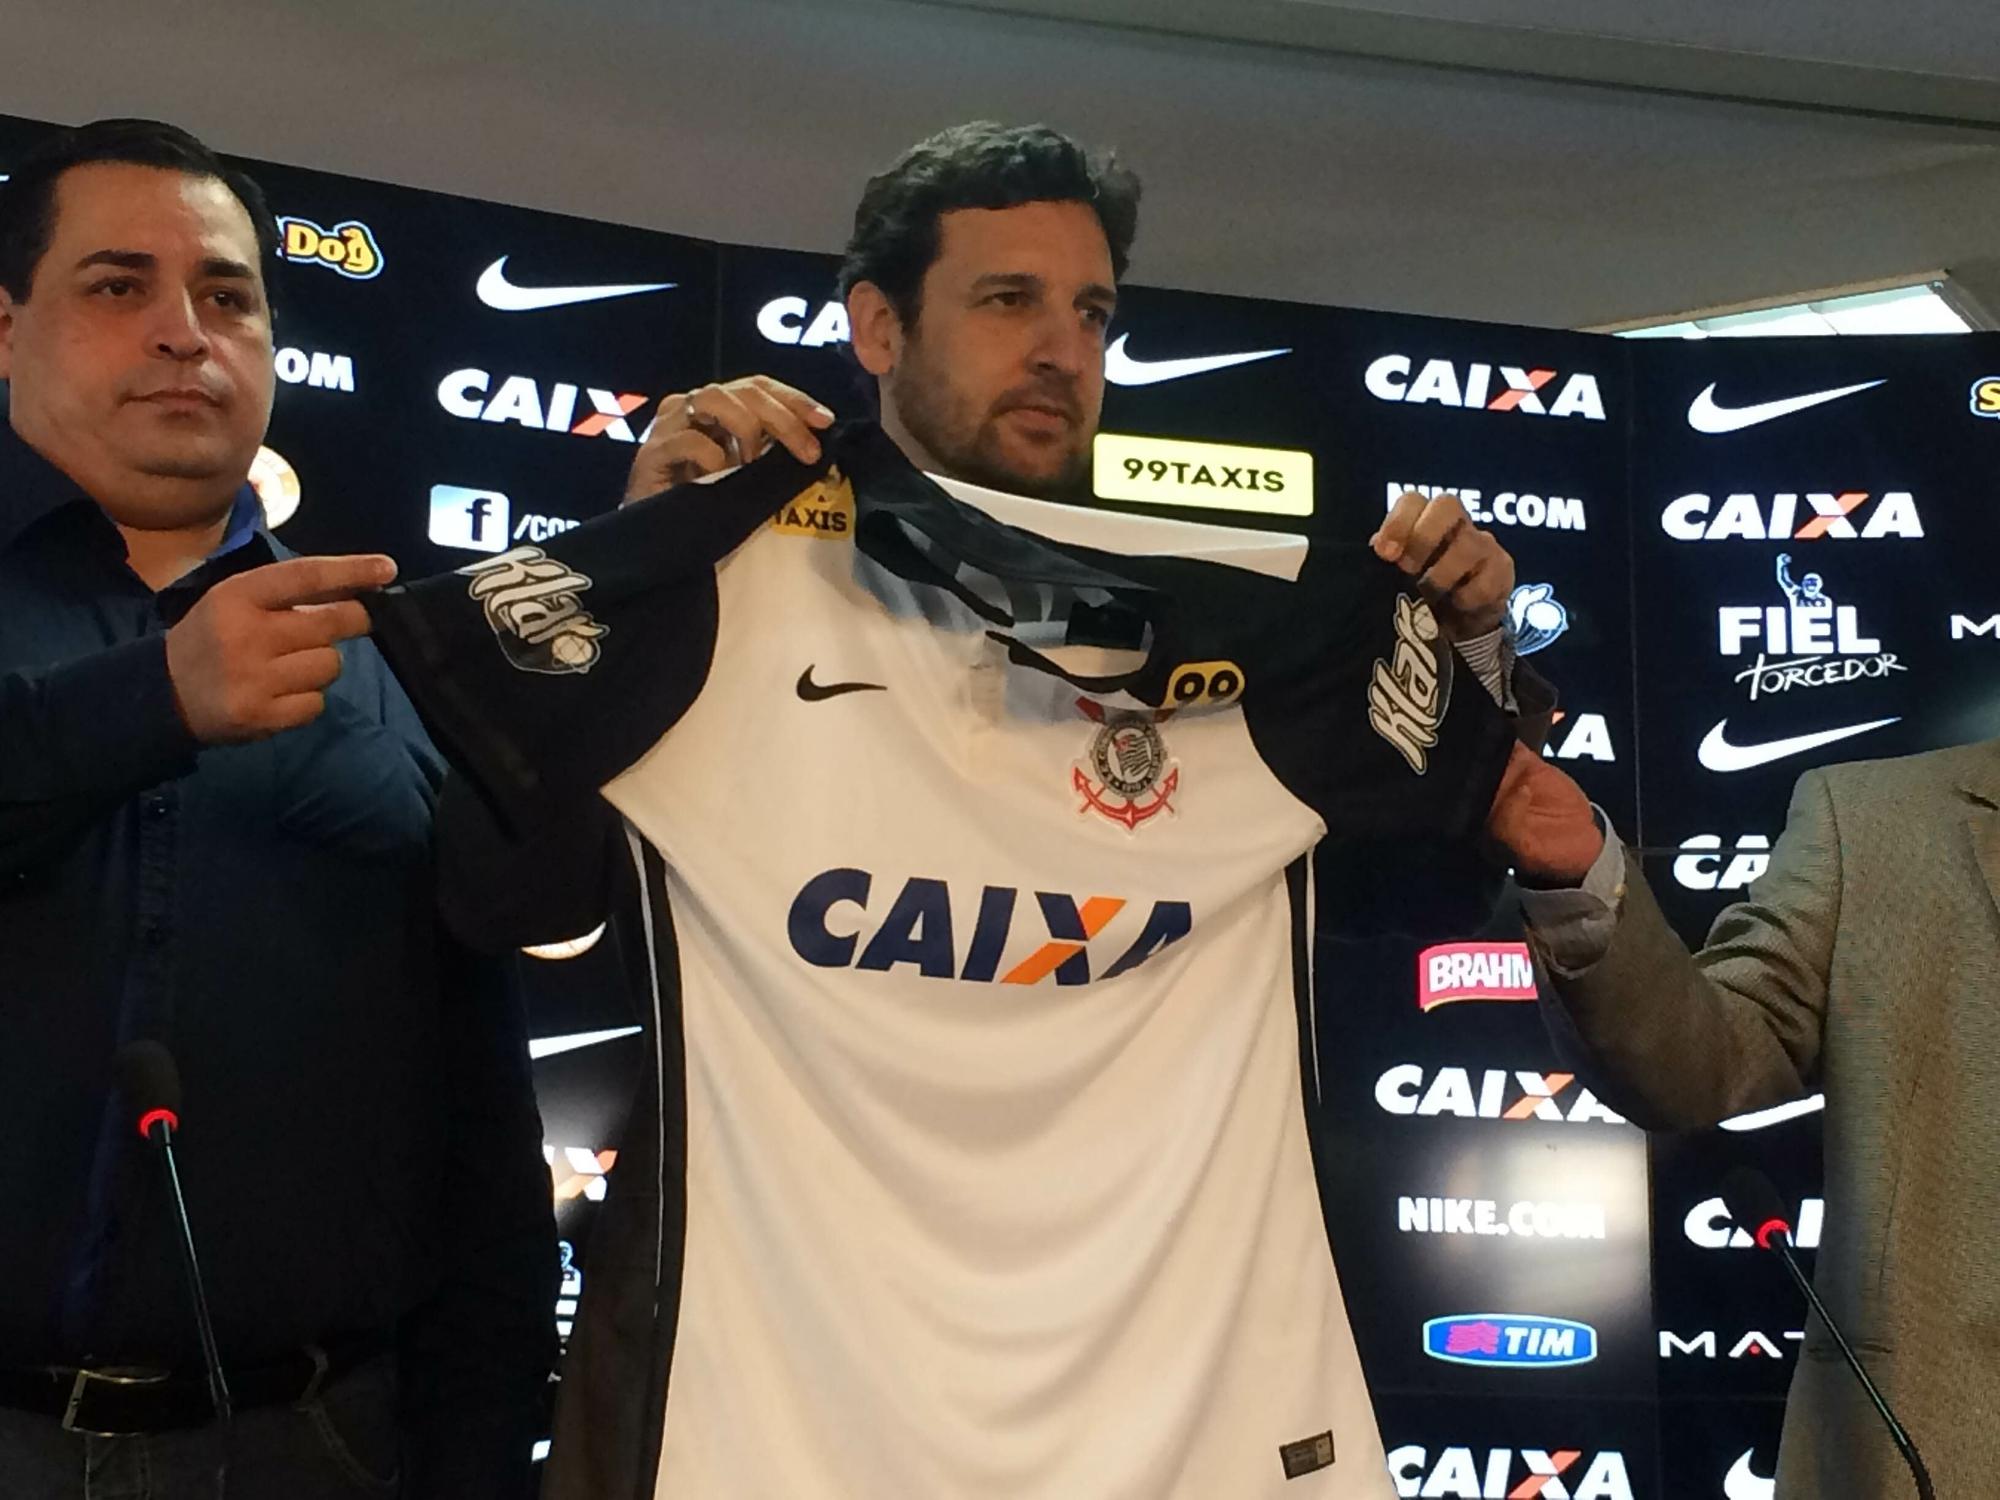 ecbb5b6fec Corinthians anuncia patrocínio e trabalha por